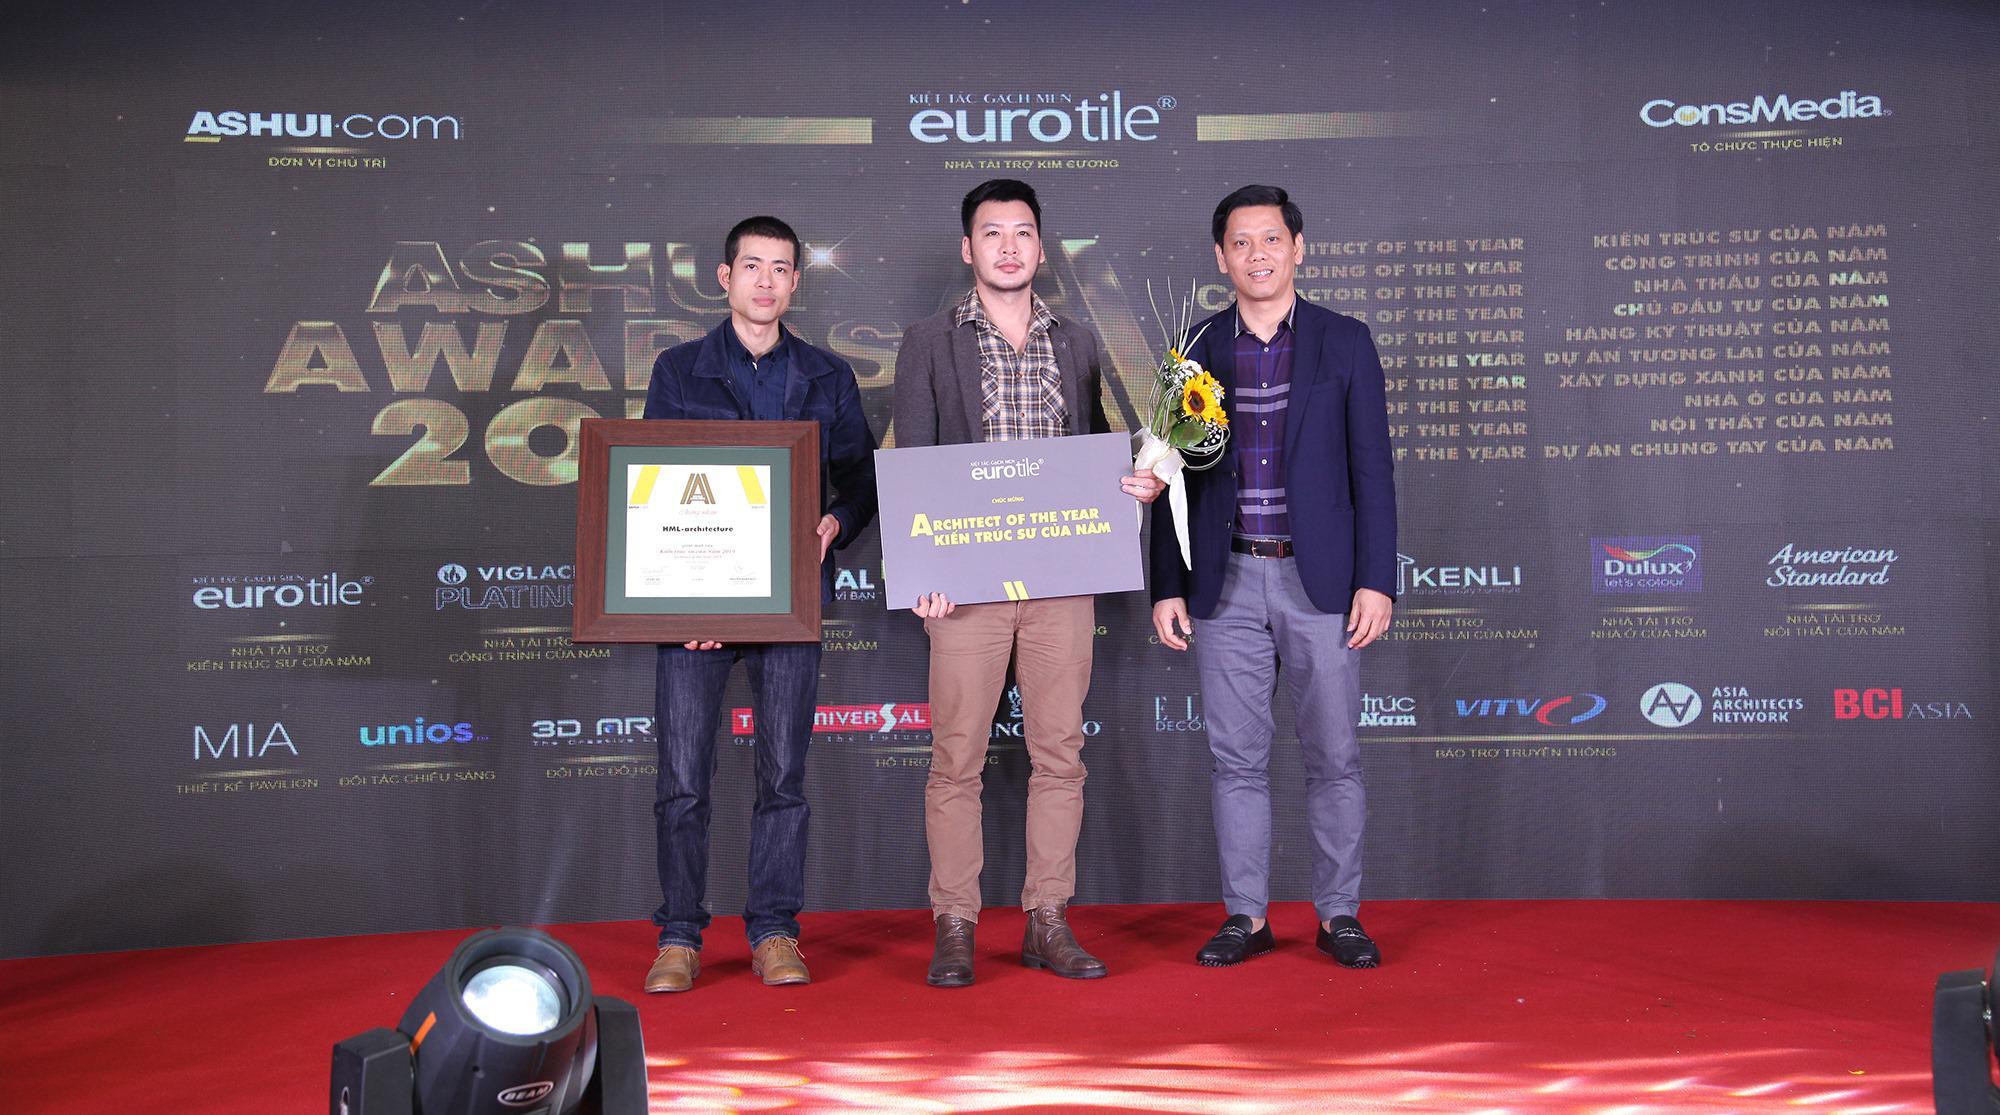 Eurotile đồng hành cùng Ashui Awards 2019